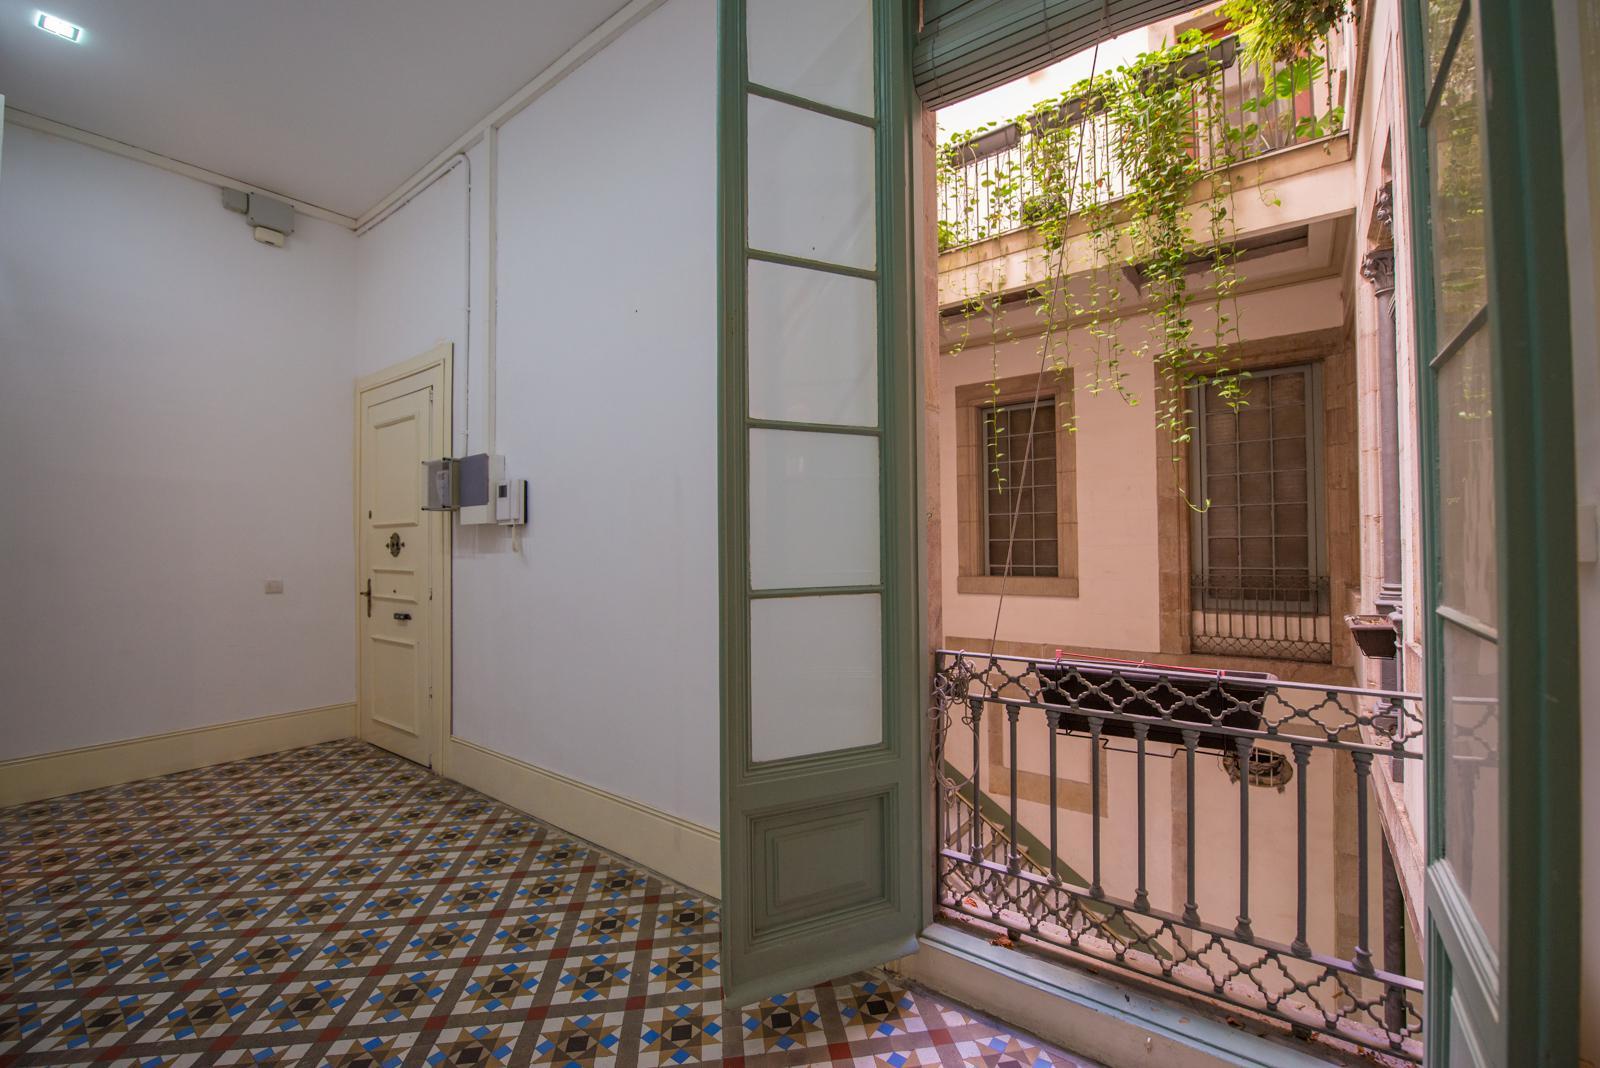 142024 Piso en venda en Ciutat Vella, Barrio Gótico 20